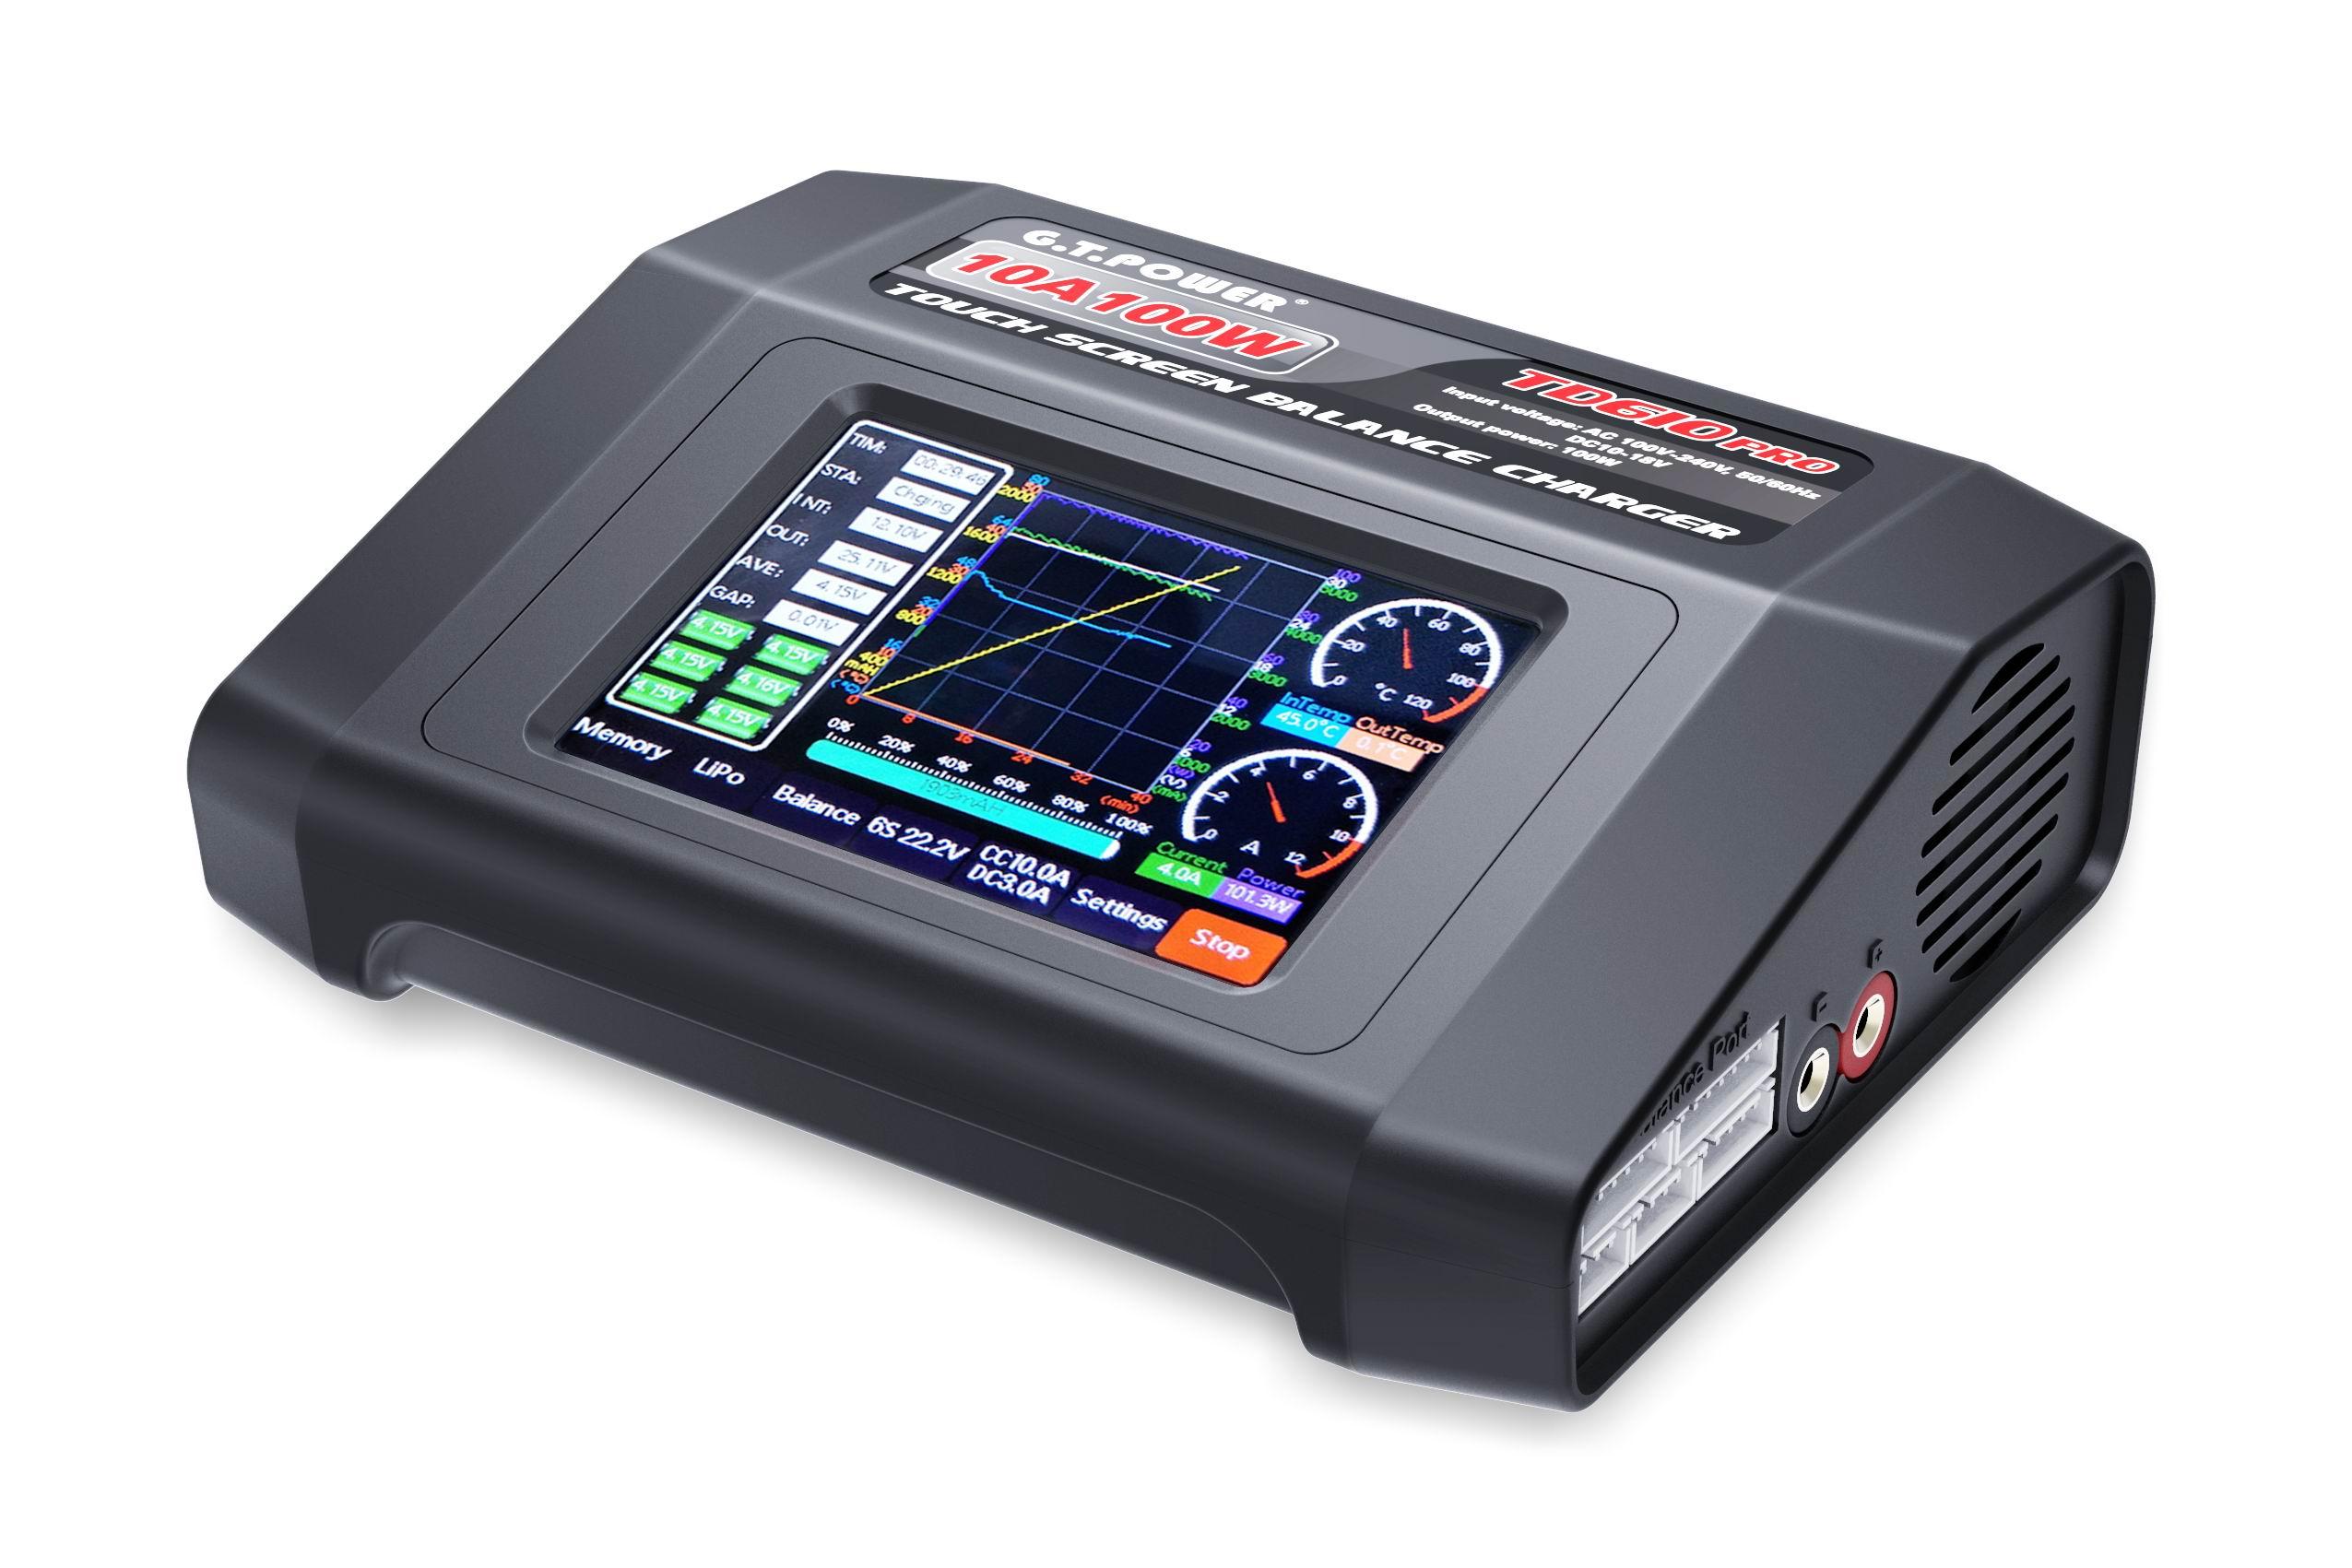 JMT GTP TD610 PRO AC 100 240 V entrada colorida pantalla táctil 100 W 10A cargador de equilibrio para 1  6 S LiPo Lilon vida LiHV 1 14 S NiCd NiMH-in Partes y accesorios from Juguetes y pasatiempos    1